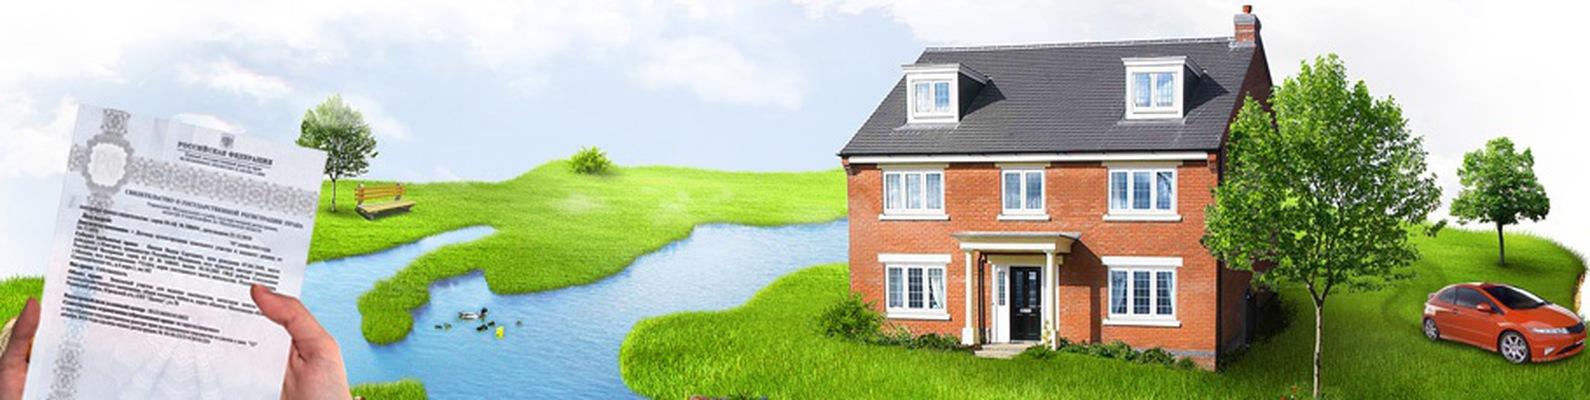 Картинки по запросу Как оформить дачный и частный дом в собственность